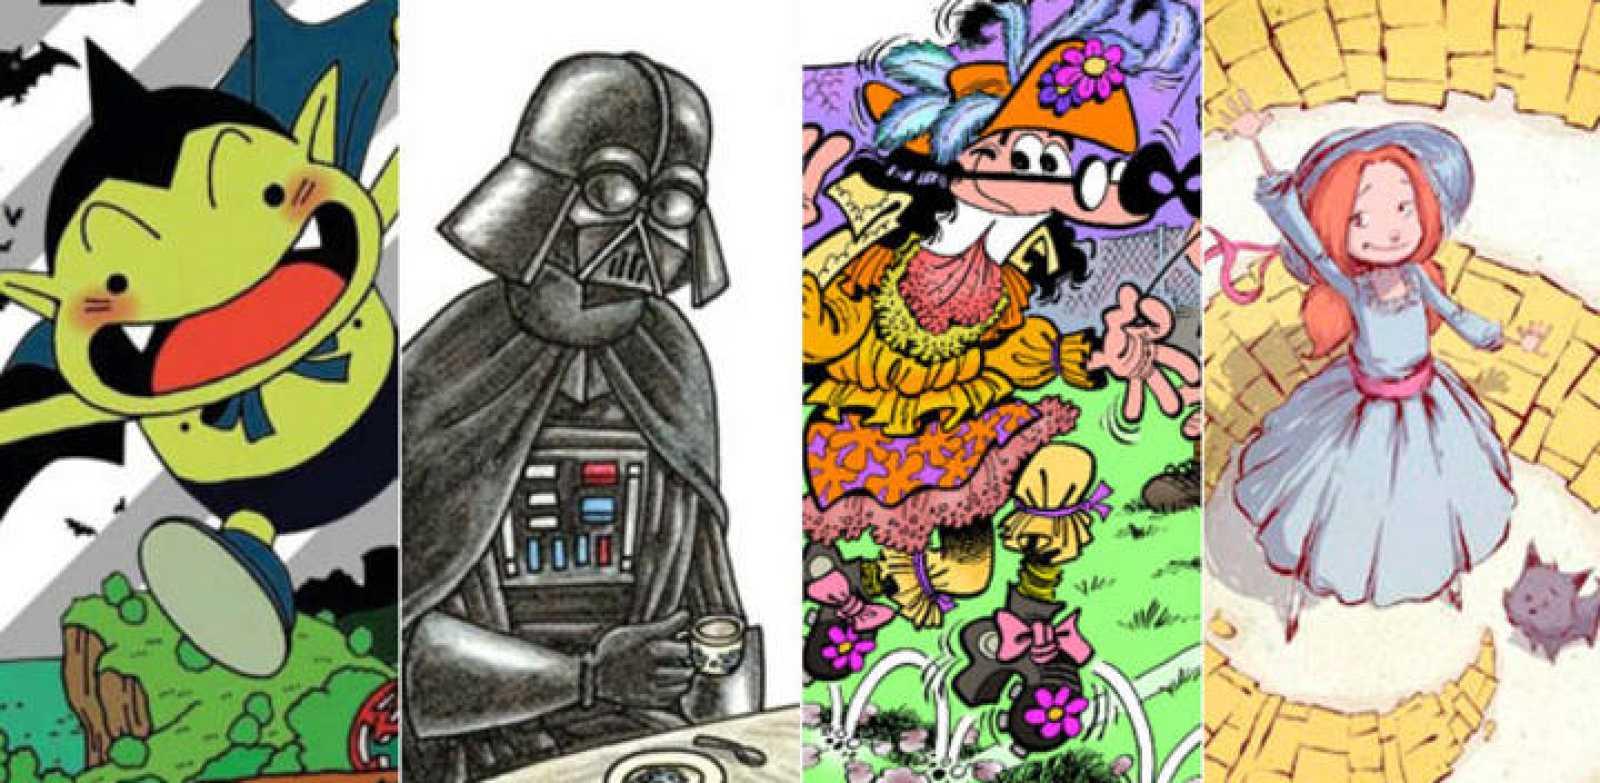 Fragmentos de ilustraciones de 'Cowa!' (Planeta DeAgostini), 'Darth Vader y su princesita' (Planeta DeAgostini), 'Mortadelo y Filemón: Mundial 2014' (Ediciones B) y 'Camino a Oz' (Panini)